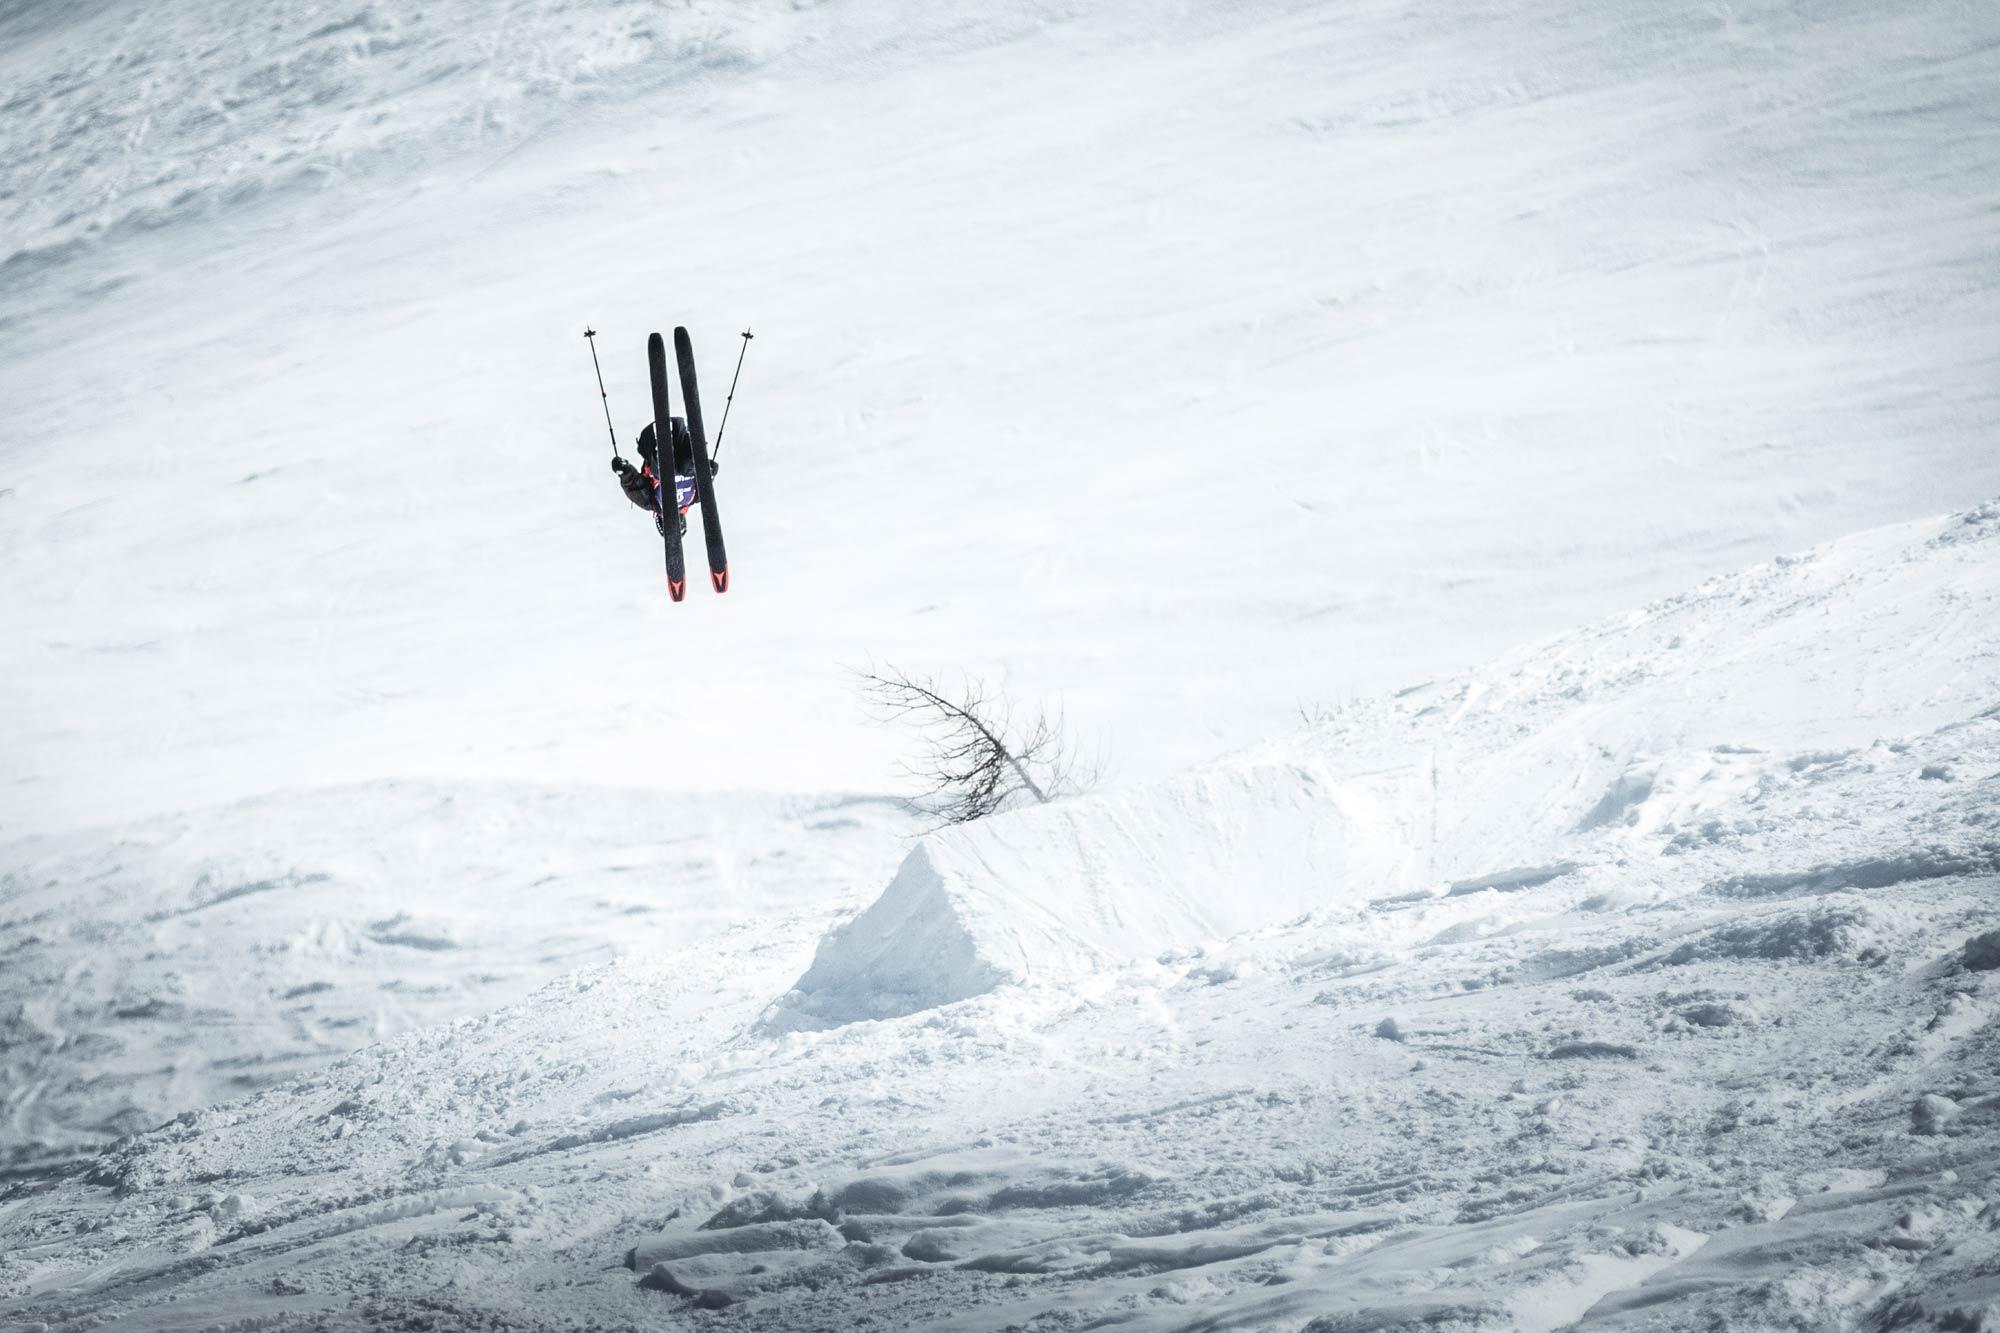 Ein Rider nutzt den extra für den Contest vorbereiteten Take-Off und zimmert einen Backflip in das Face. - Foto: Open Faces